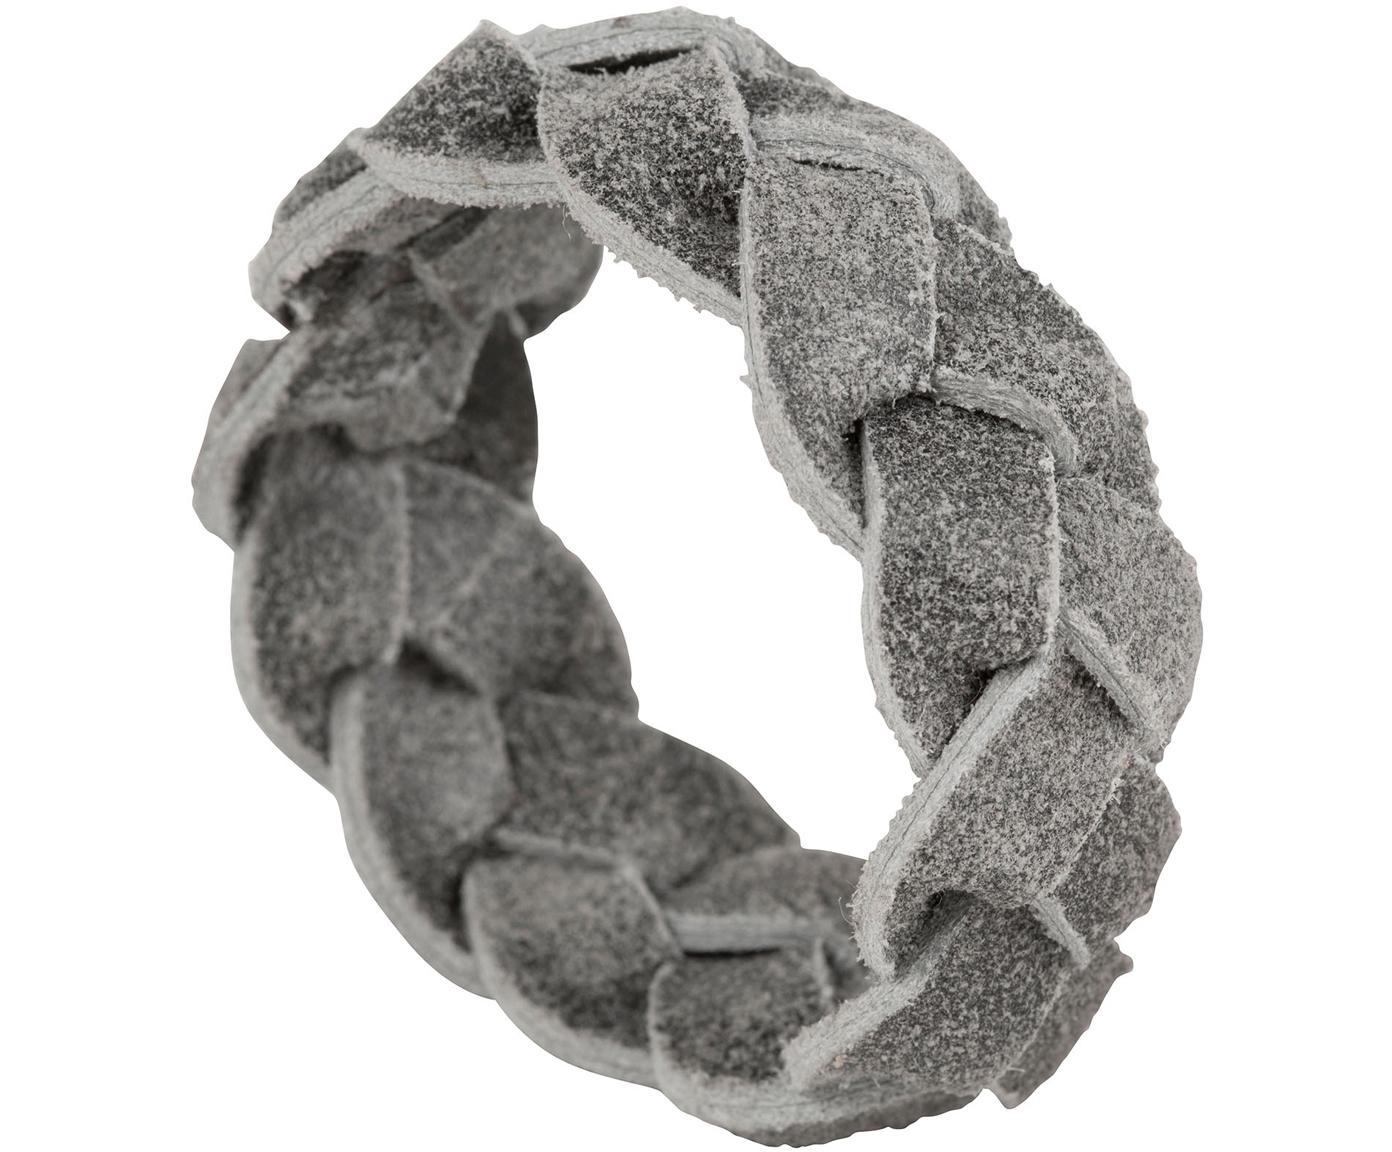 Leder-Serviettenringe Tannri, 6 Stück, Büffelleder, Grau, Ø 5 cm